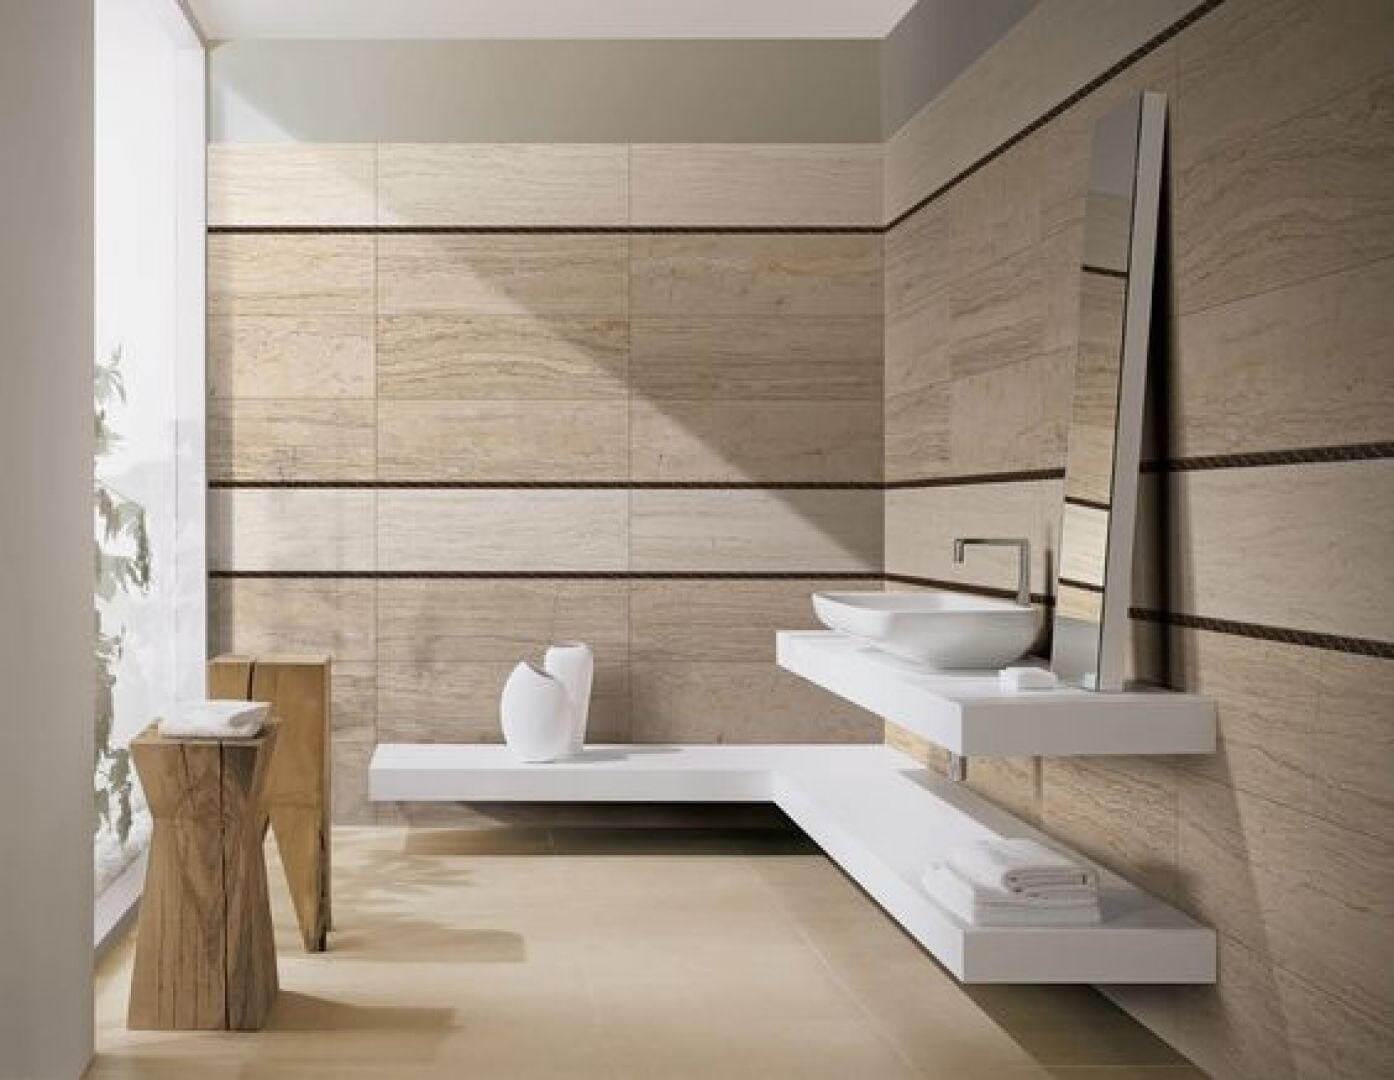 Bạn yêu thích phong cách hiện đại thì nên lựa chọn gạch ốp xéo